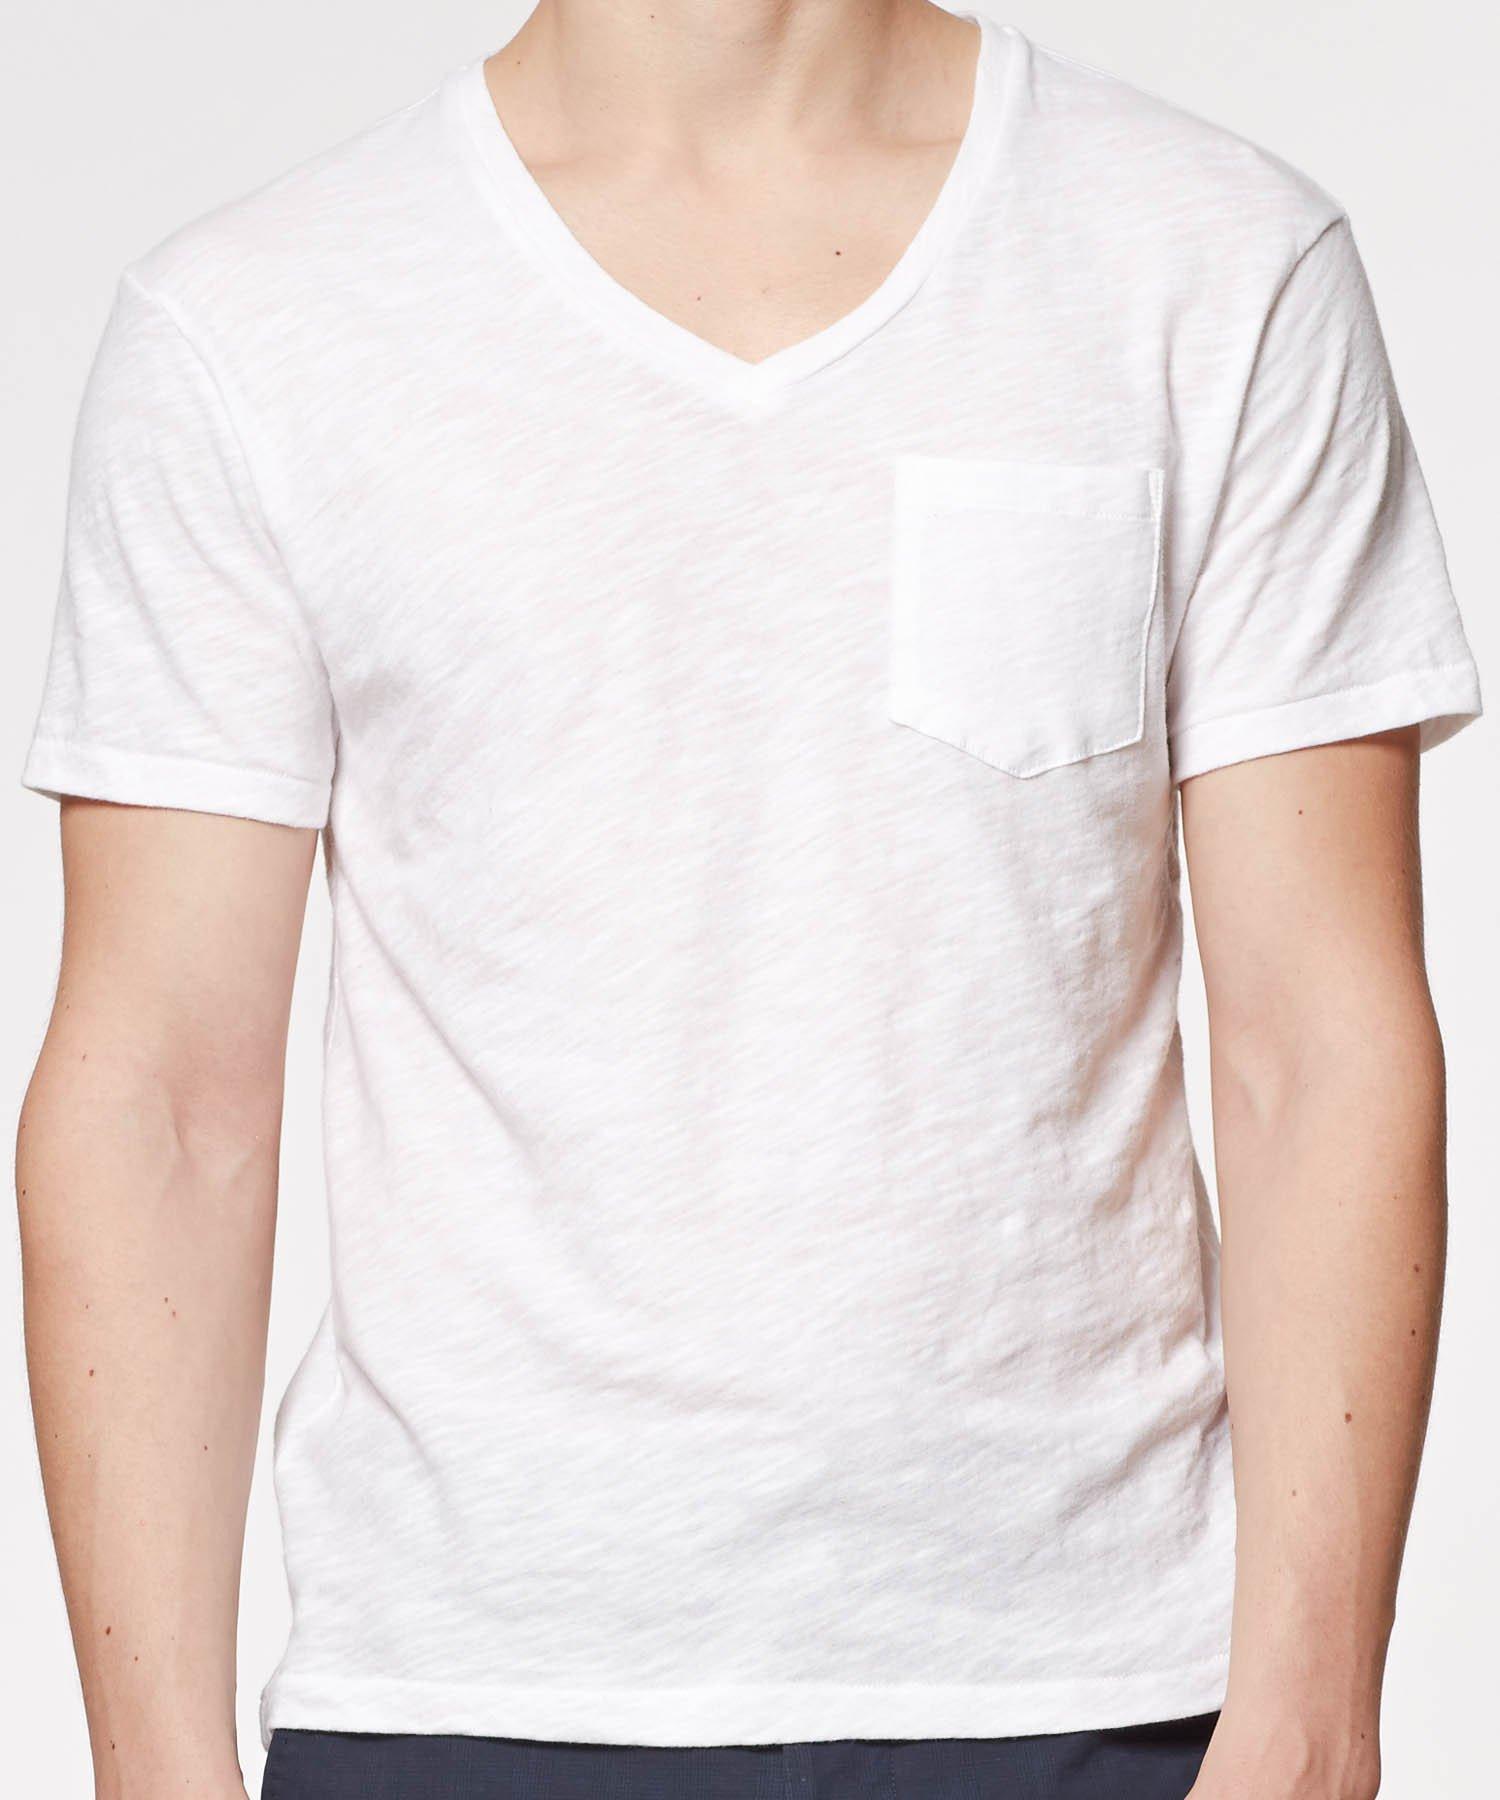 Todd Snyder Pocket V neck T shirt In White For